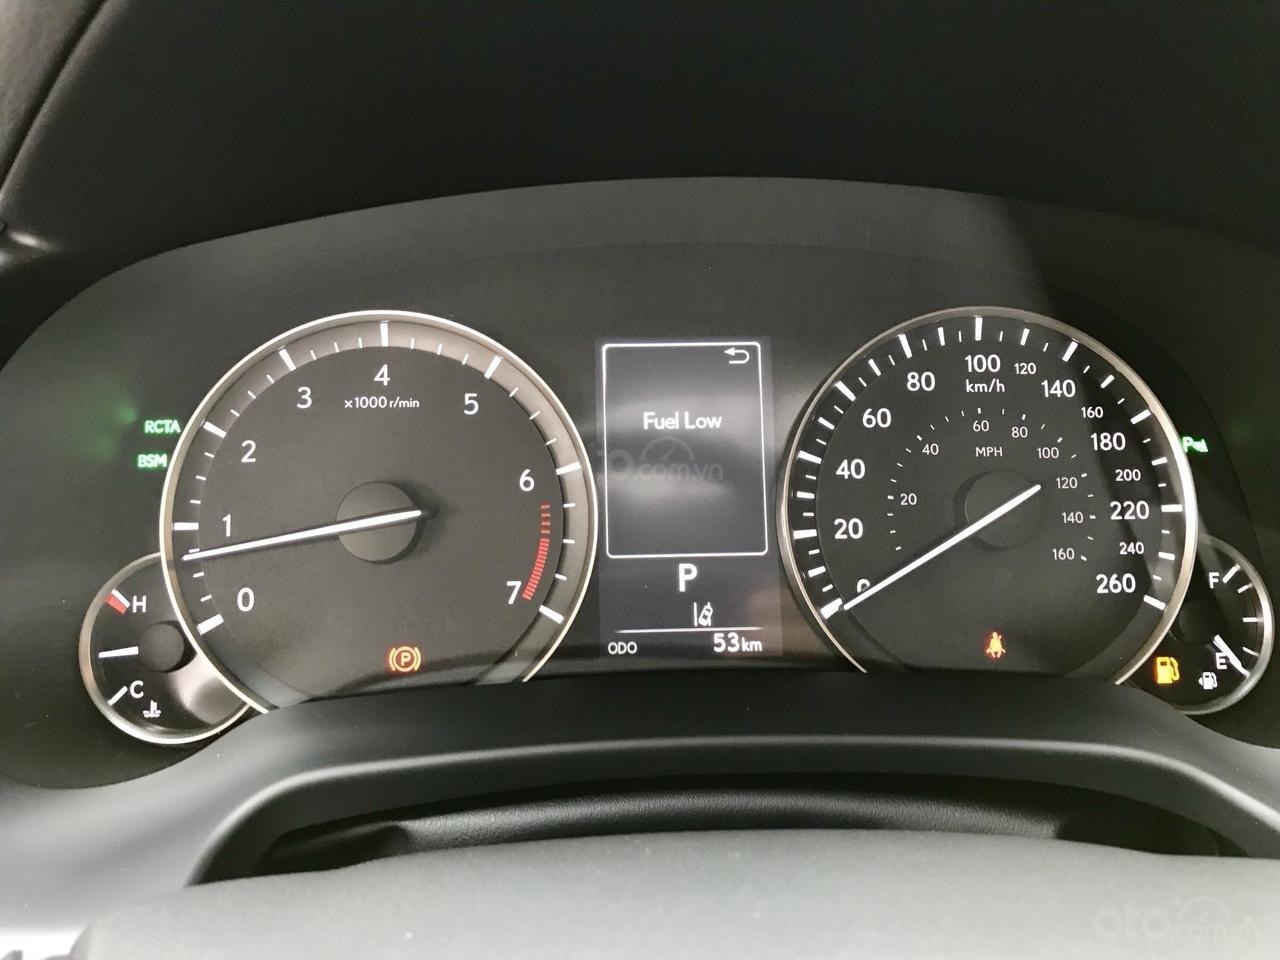 Bán Lexus RX R350L 2018, màu đen, 6 chỗ, nhập khẩu Mỹ - Mr Huân 0981.0101.61-4